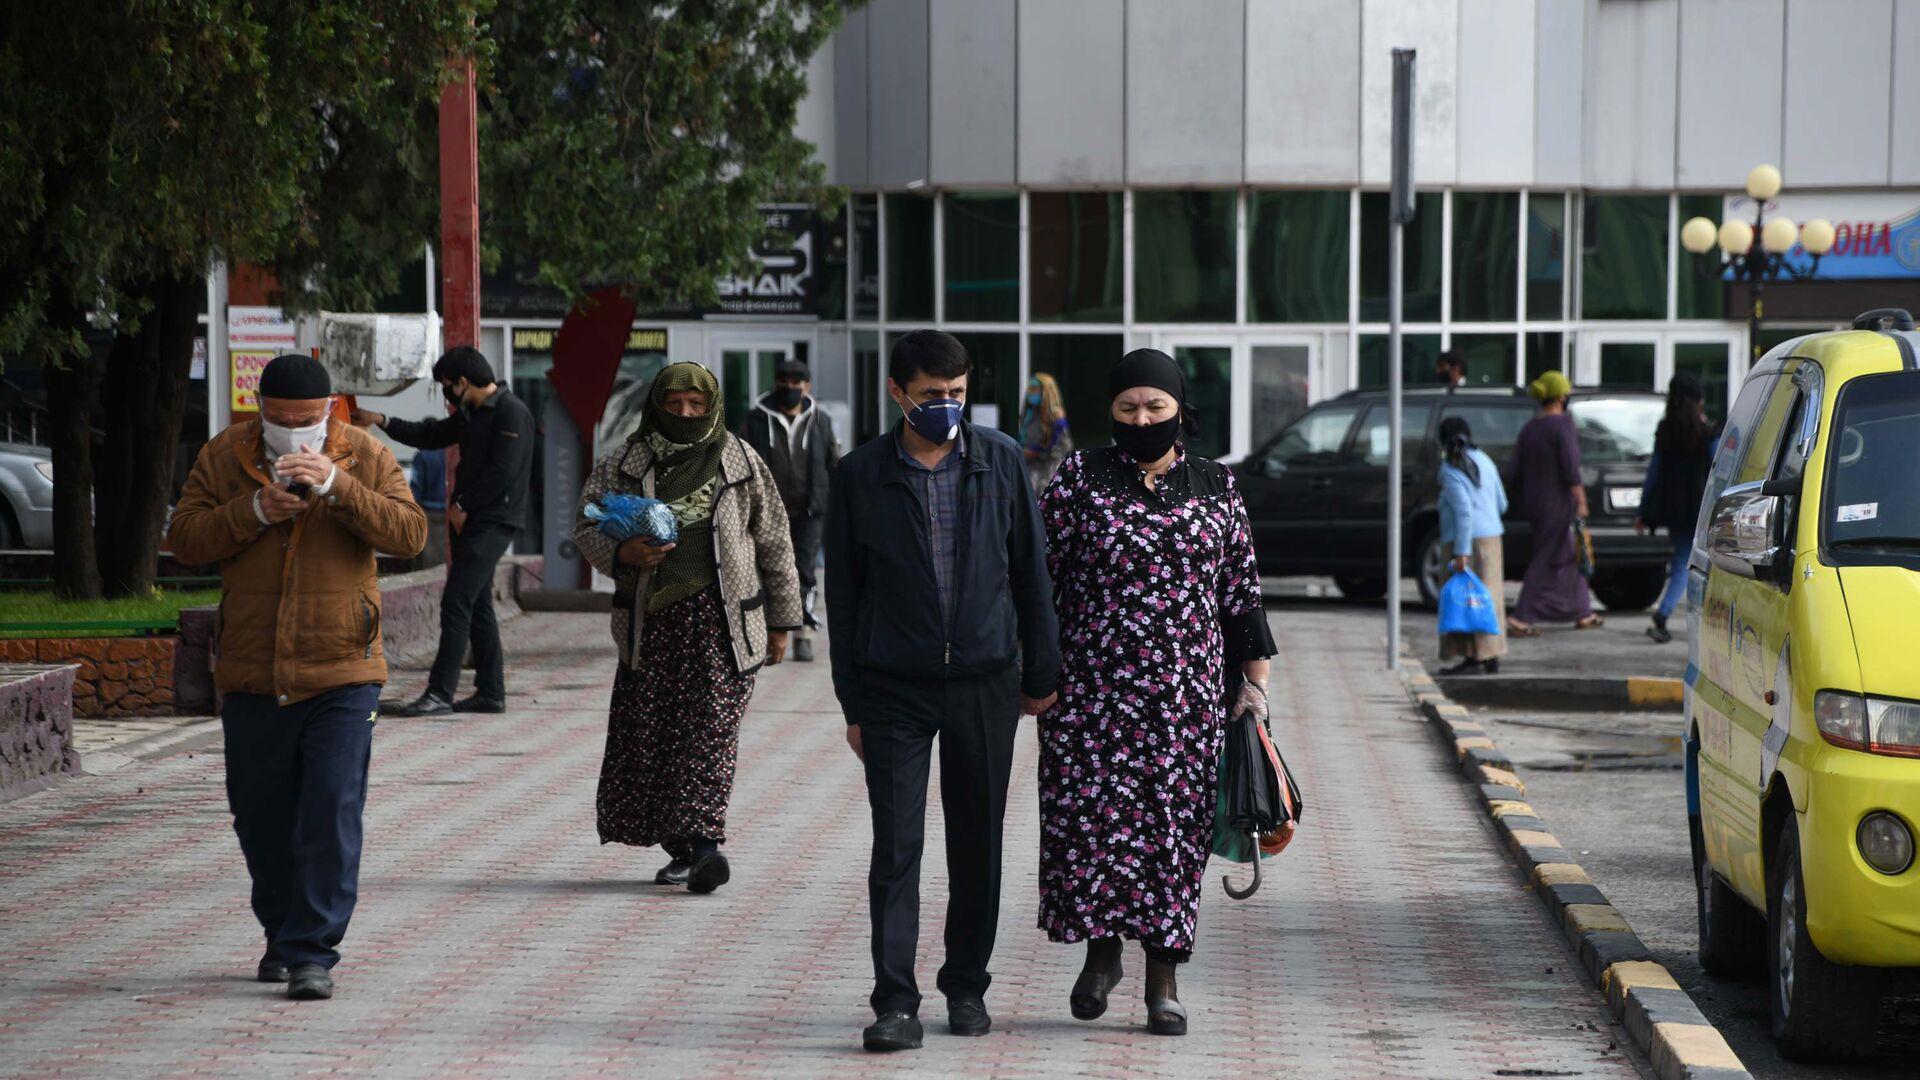 Жители города Душанбе в защитных масках на улице - Sputnik Тоҷикистон, 1920, 25.09.2021